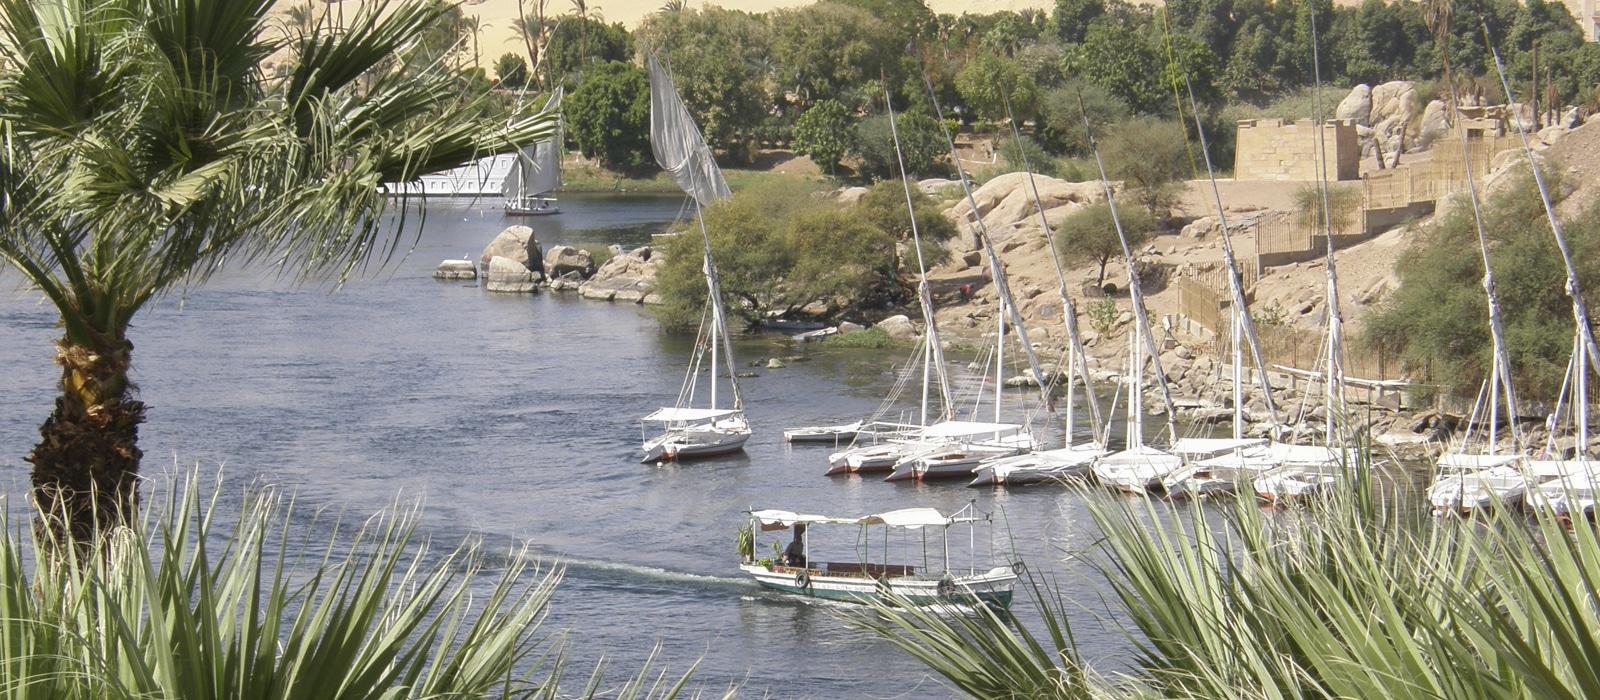 Voyage organisé en petit groupe - Nil à Assouan - Egypte - Agence de voyage Les Routes du Monde